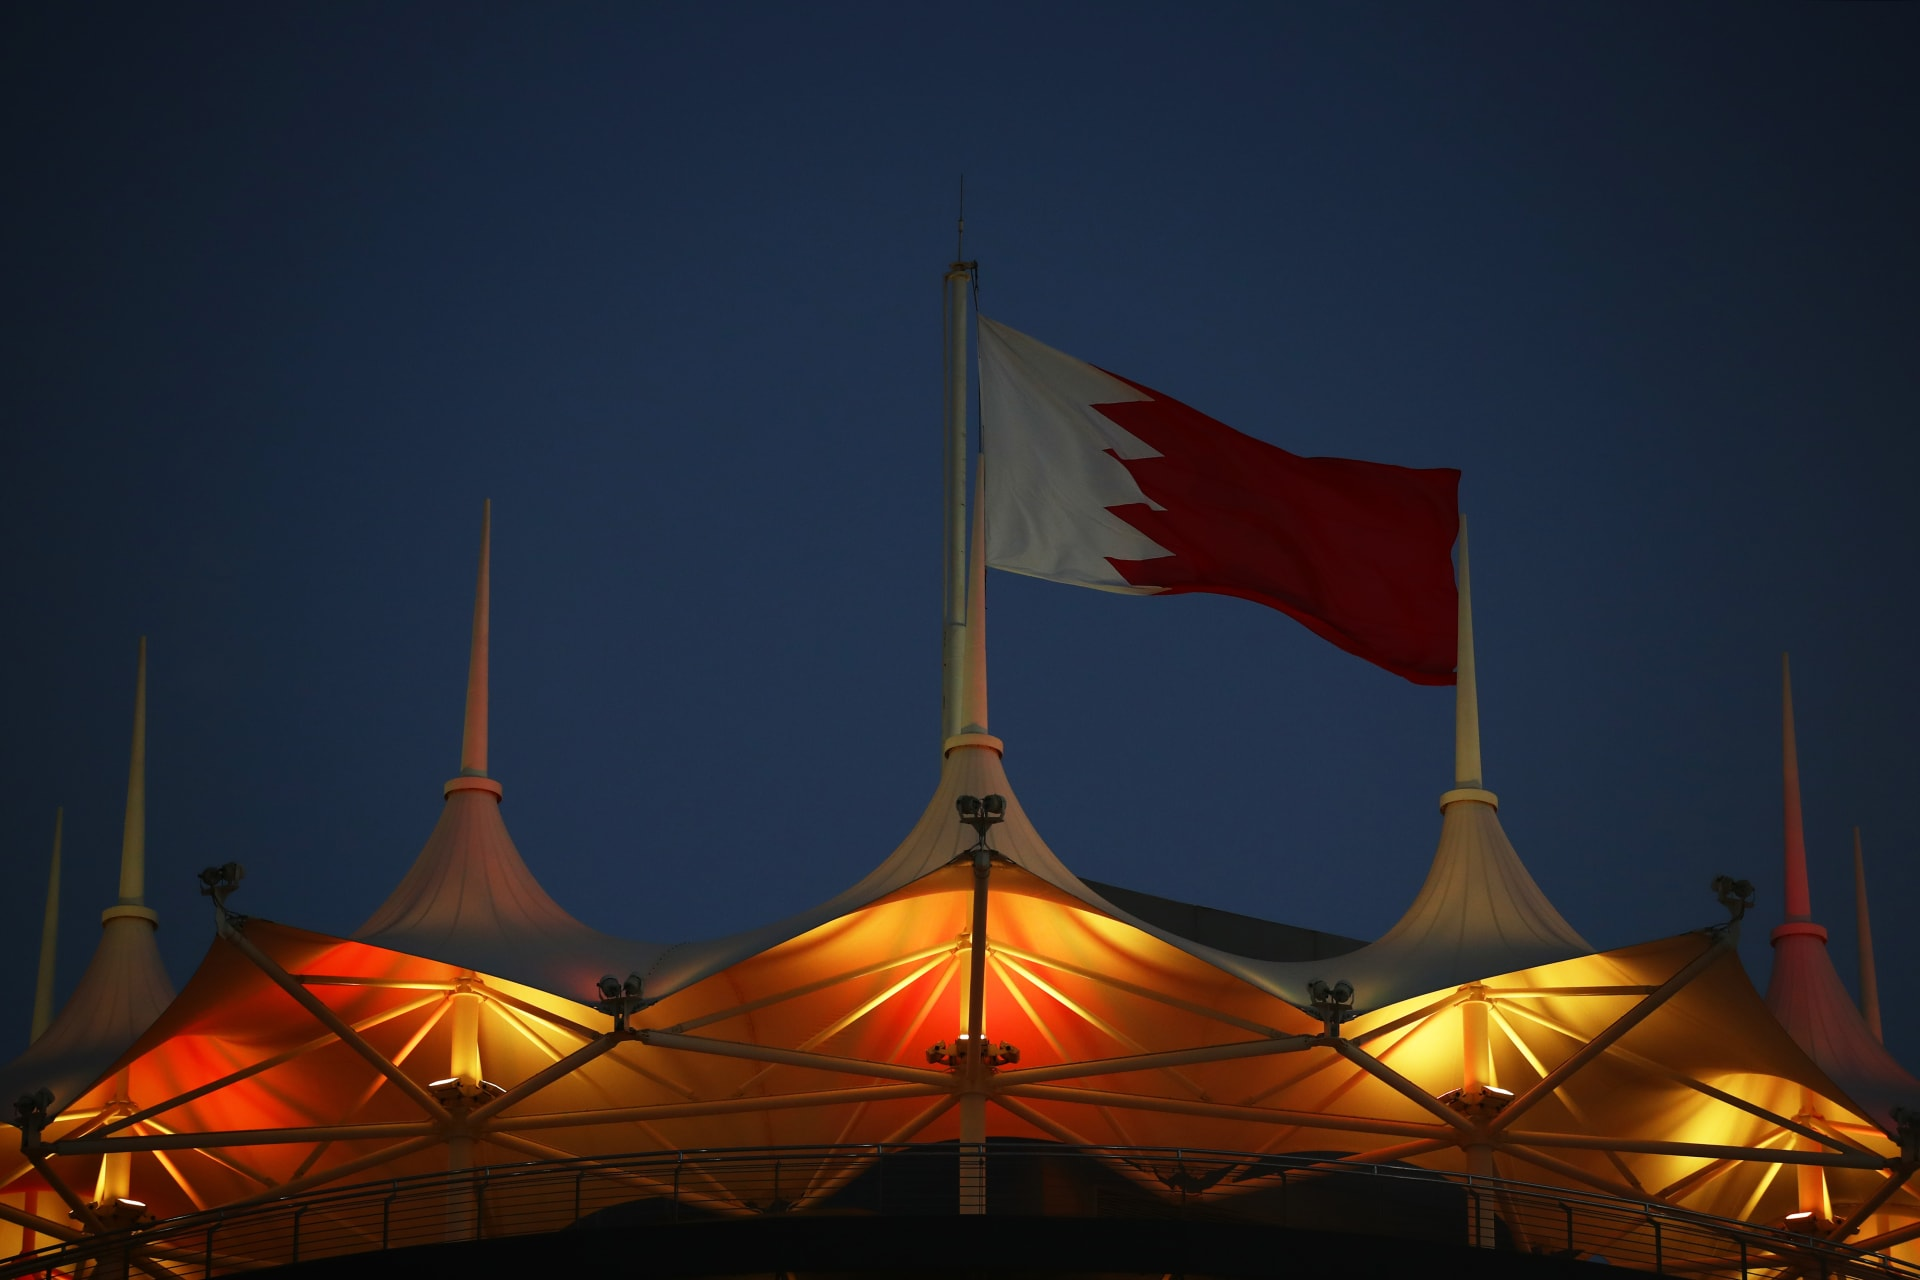 البحرين تستدعي مواطناً زعم محاولة قطر تجنيده